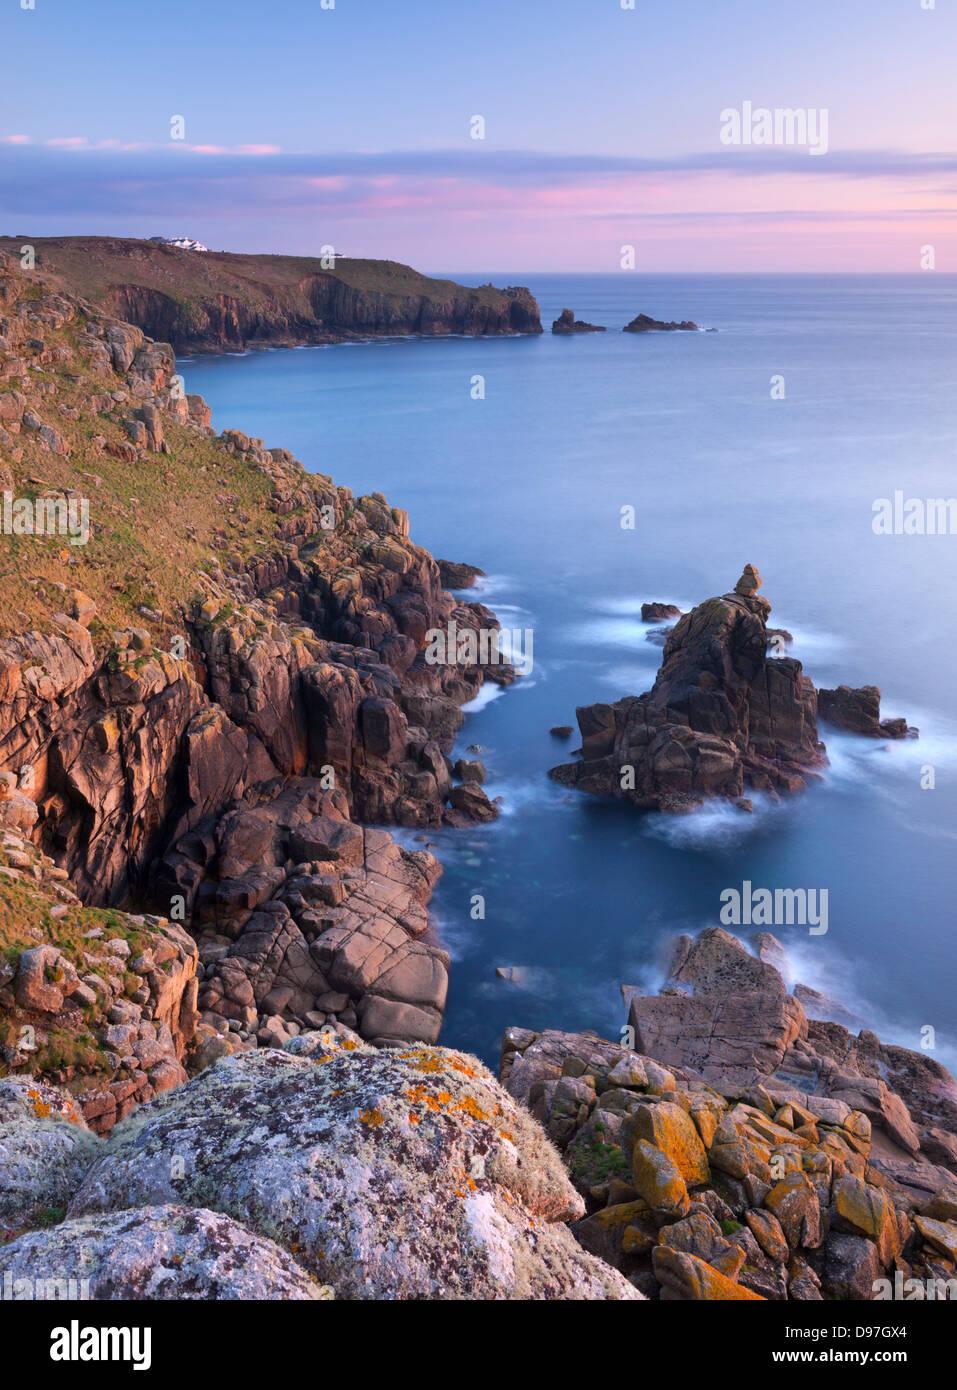 Auf der Suche nach Endland von den Klippen über dem Sennen, Cornwall, England. Frühjahr 2012 (Mai). Stockbild